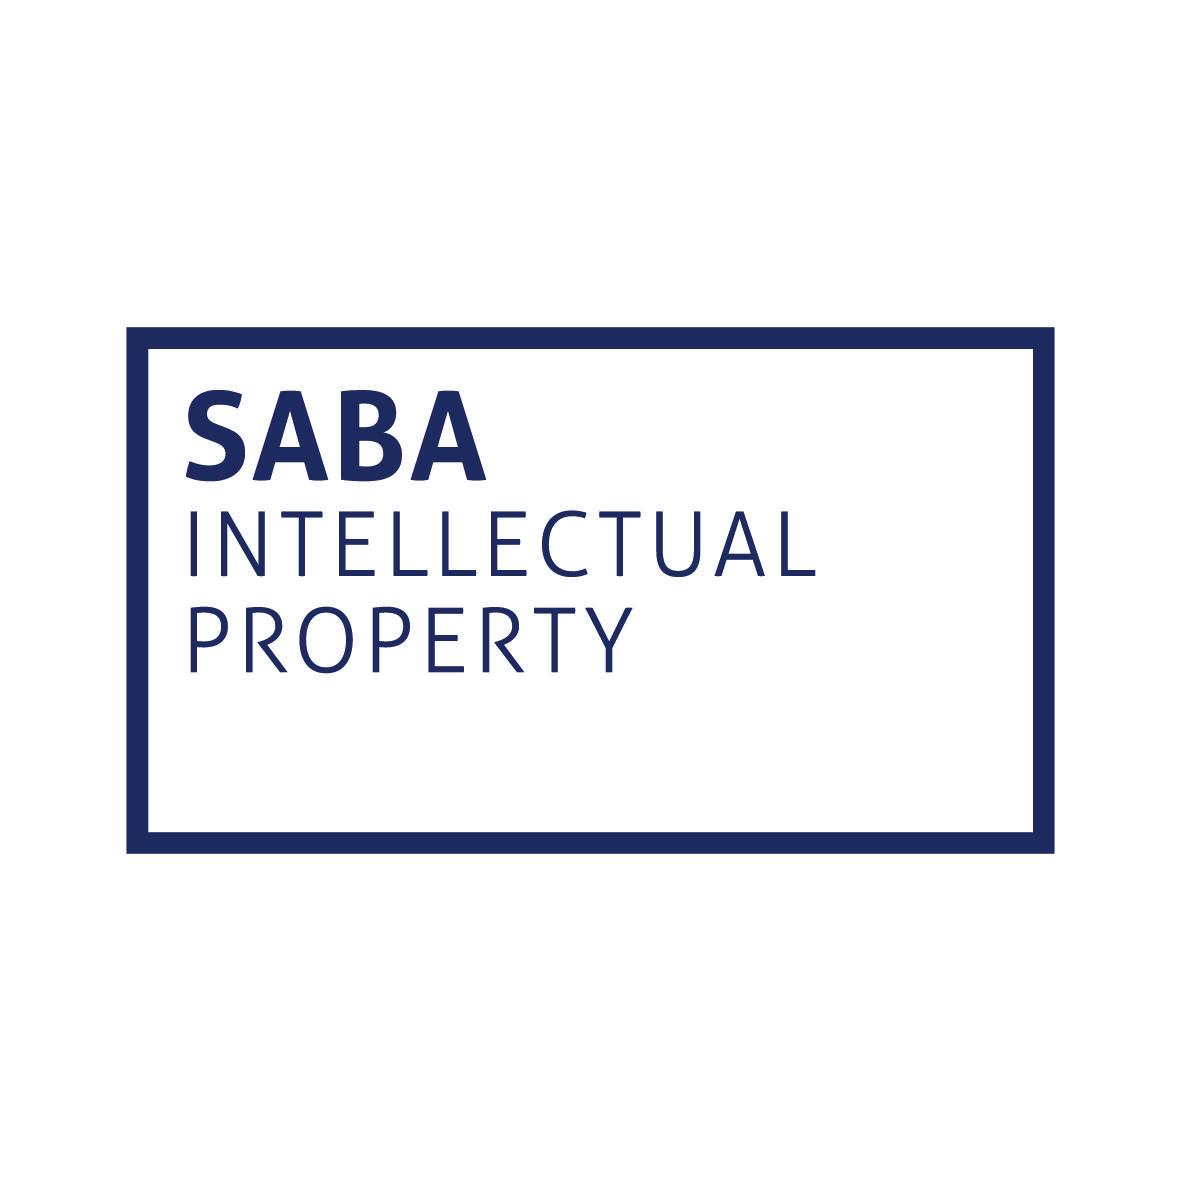 Saba & Co. IP